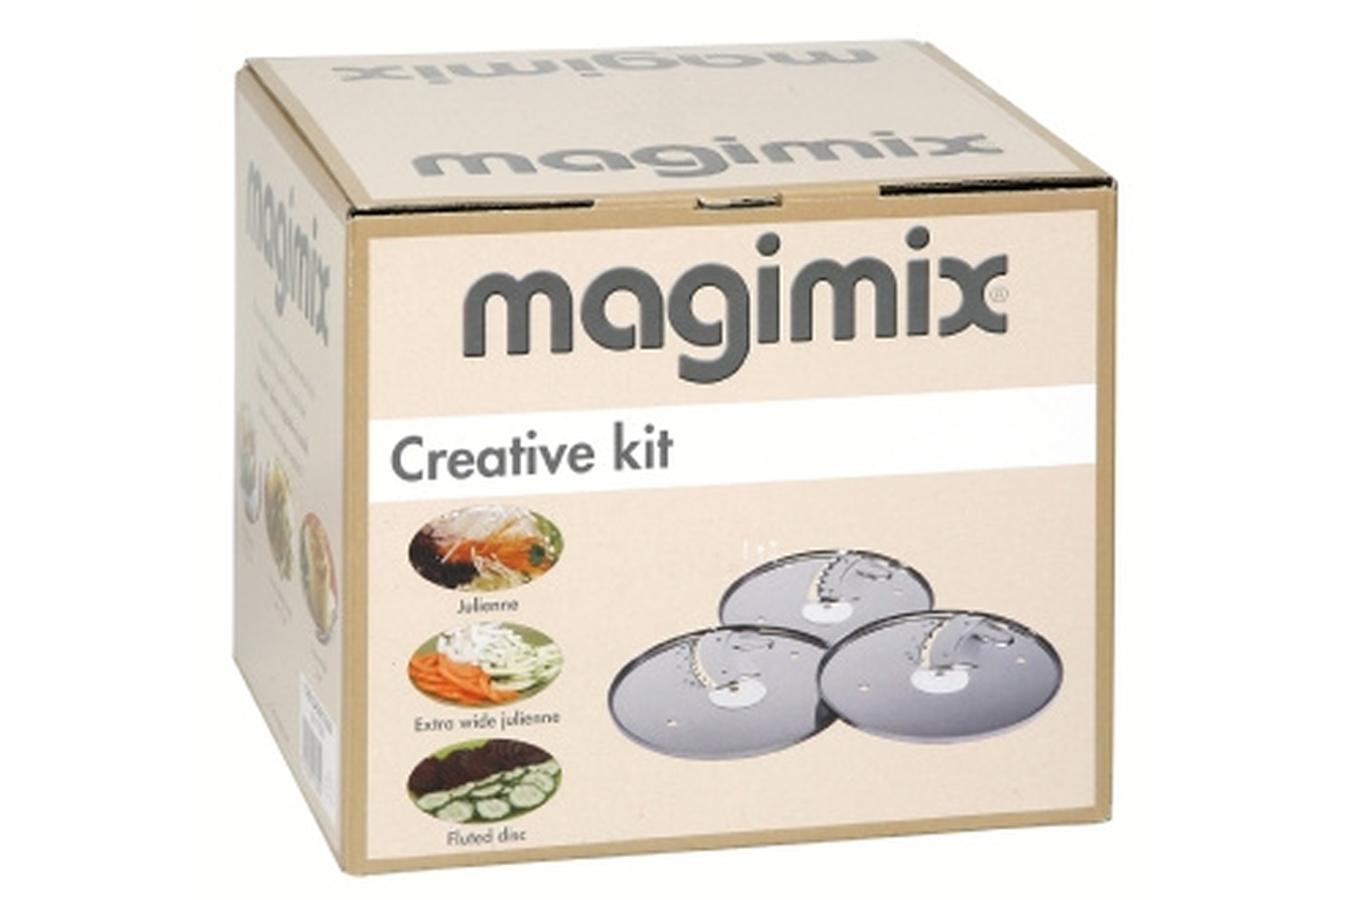 Accessoire robot magimix coffret cuisine creative 17280 disqu 17280 crea 1174150 darty - Coffret cuisine creative ...